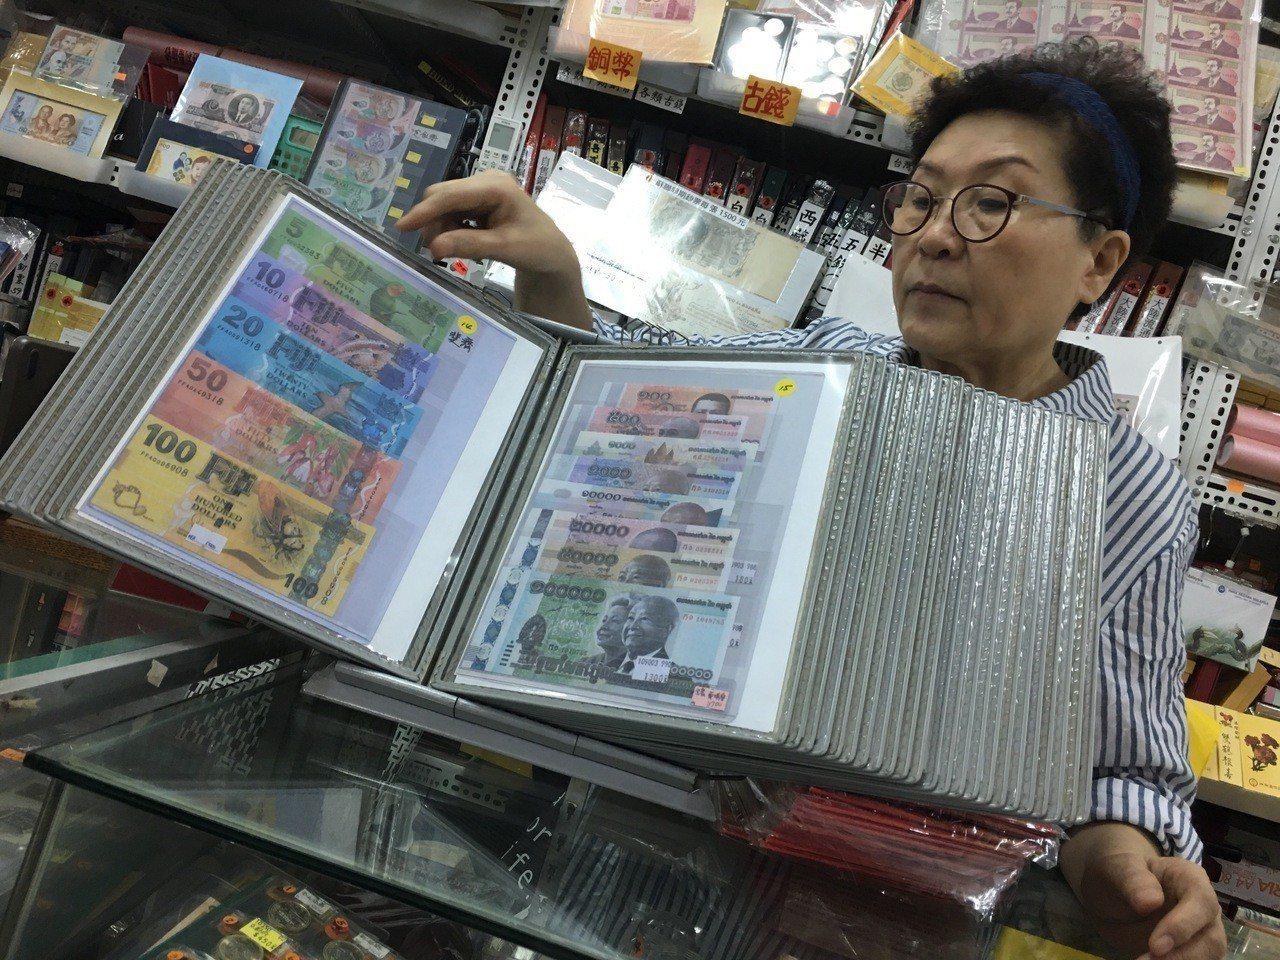 遭竊店家表示,該鈔票本裡有60套不同的外國鈔票,市值近16萬元。記者李隆揆/攝影